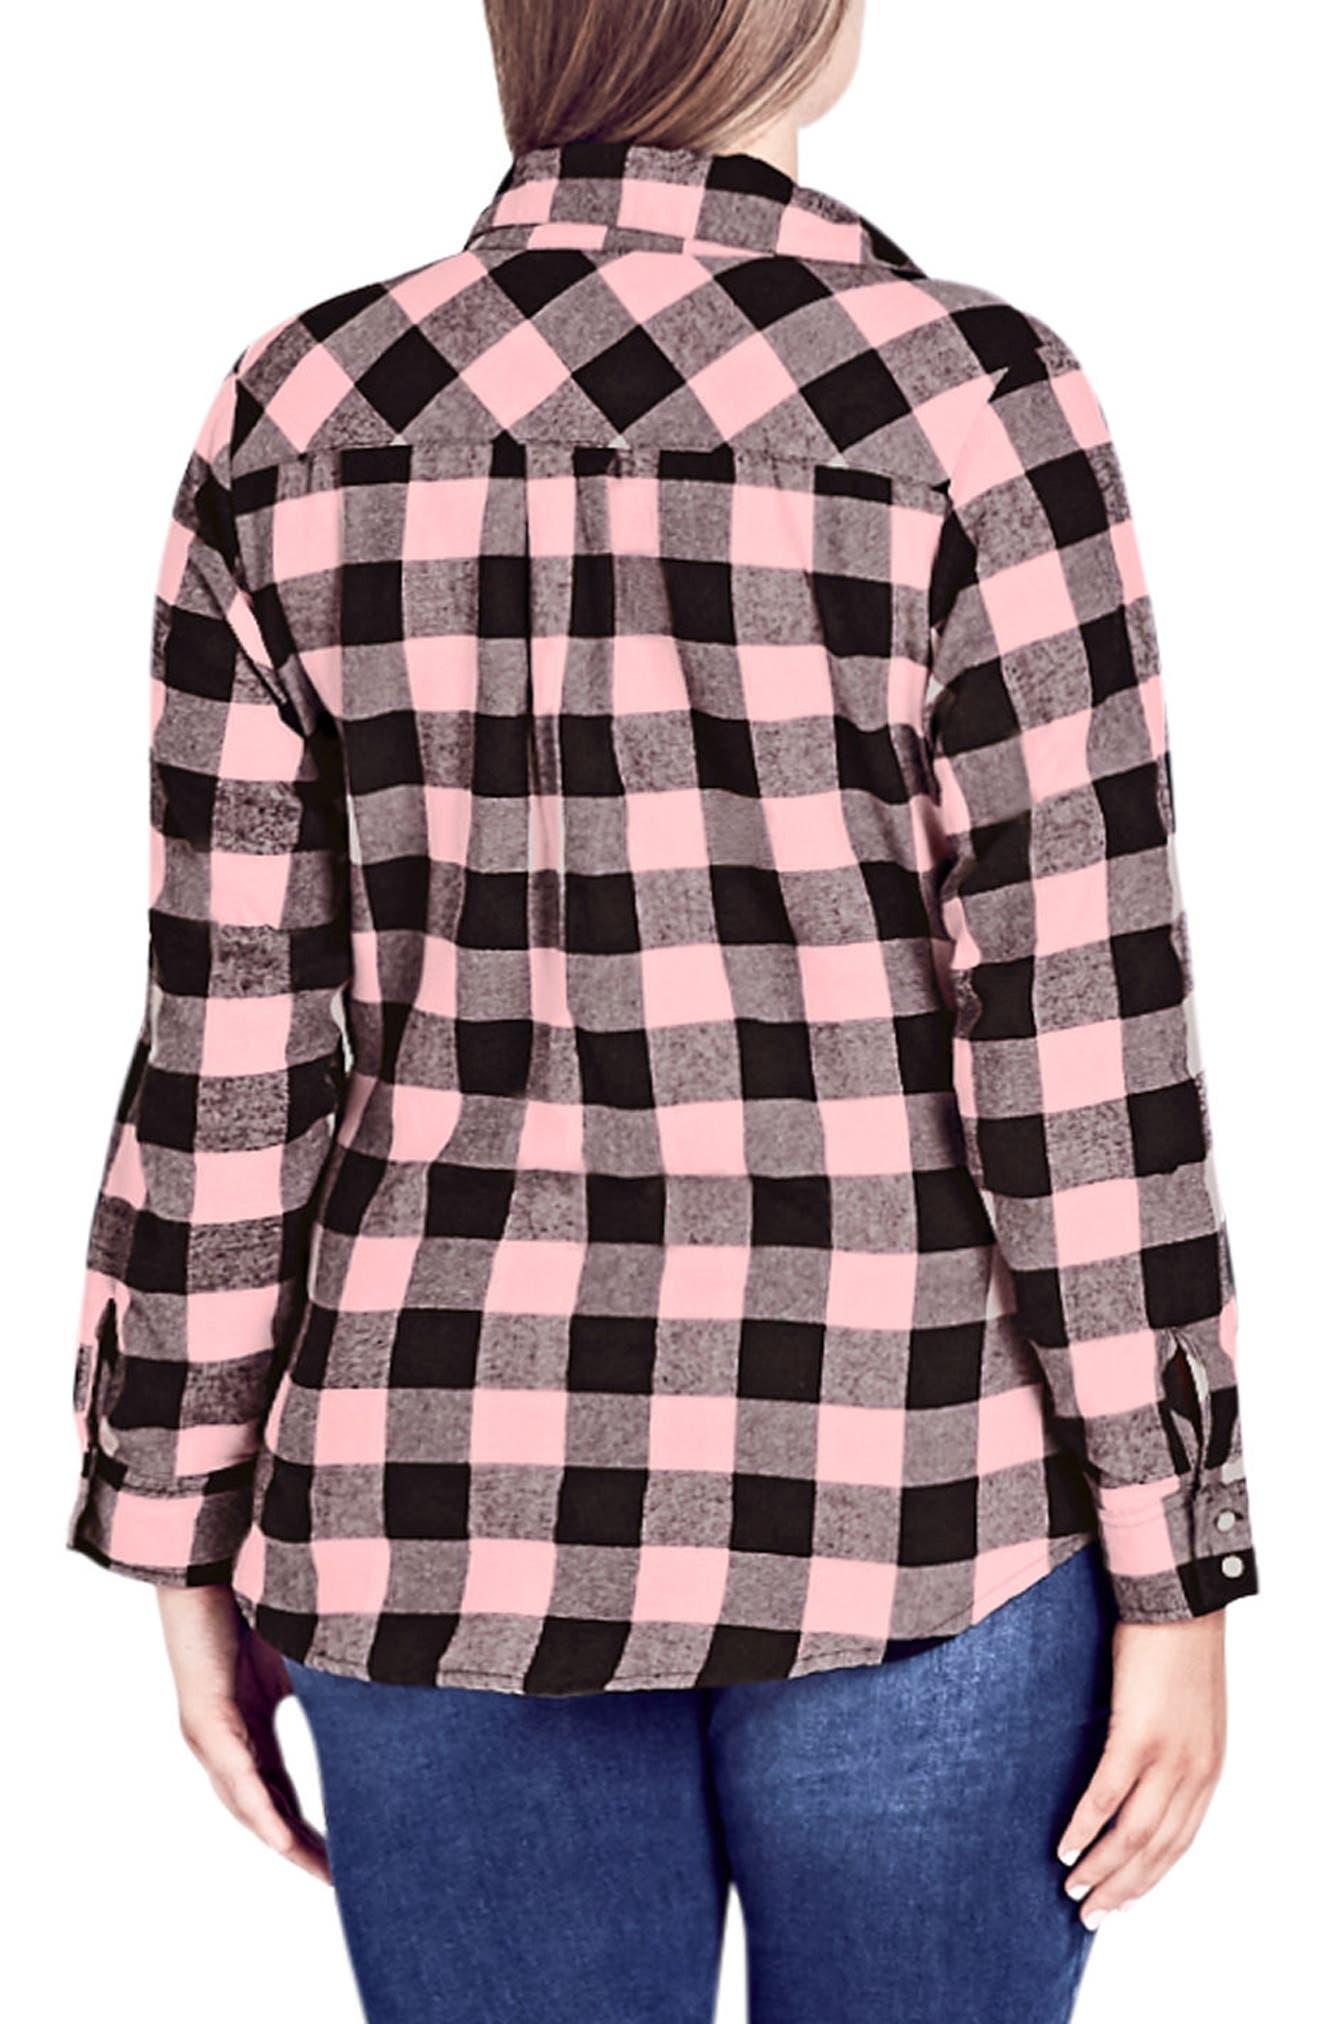 Dusty Duke Cotton Shirt,                             Alternate thumbnail 2, color,                             Blush Pink